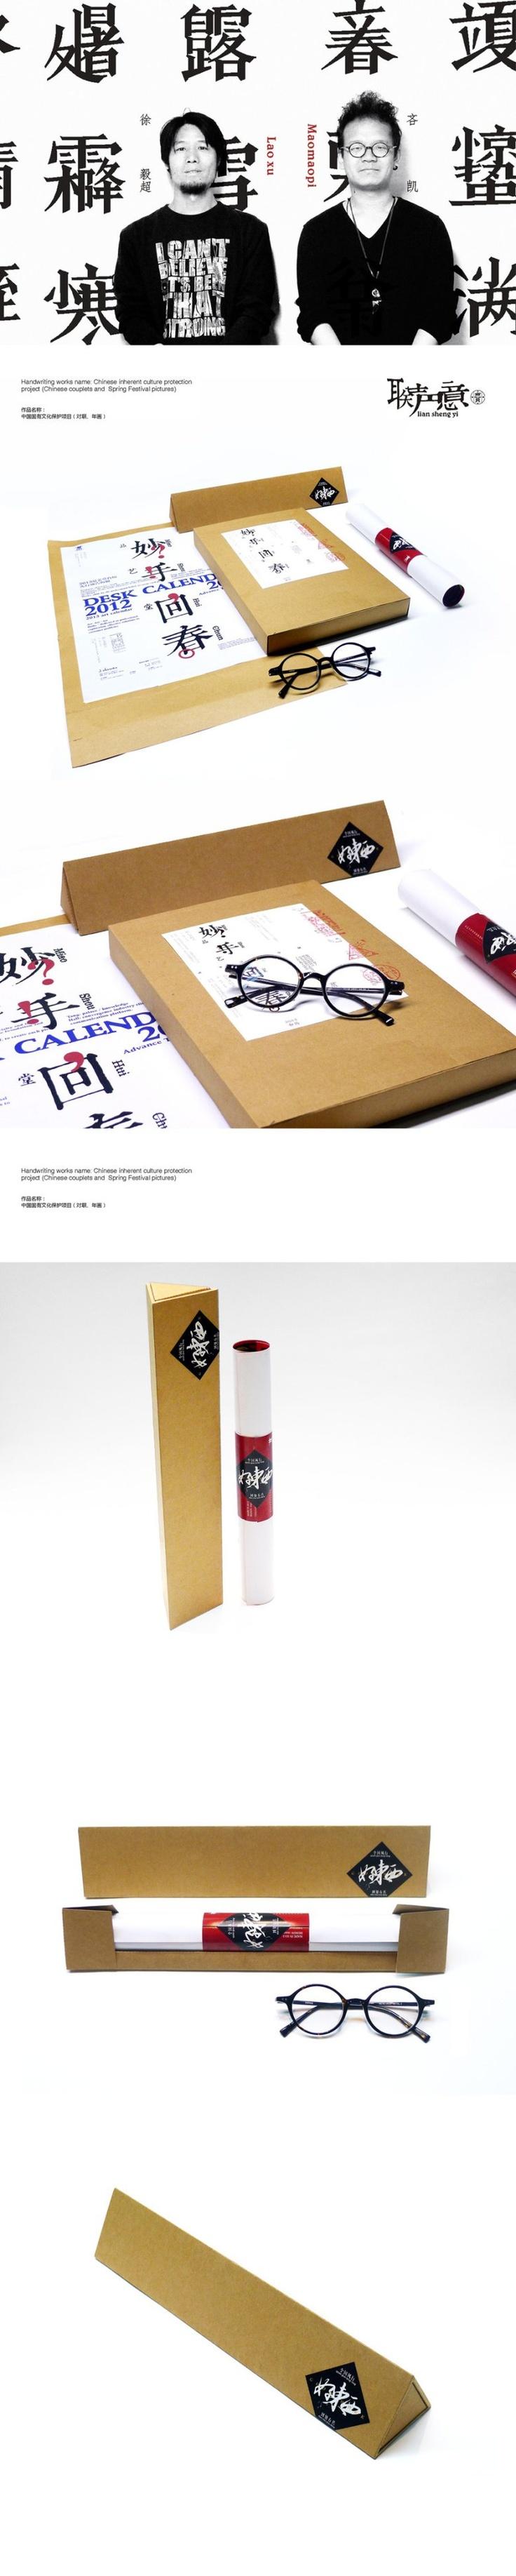 maomaopi中国风元素设计